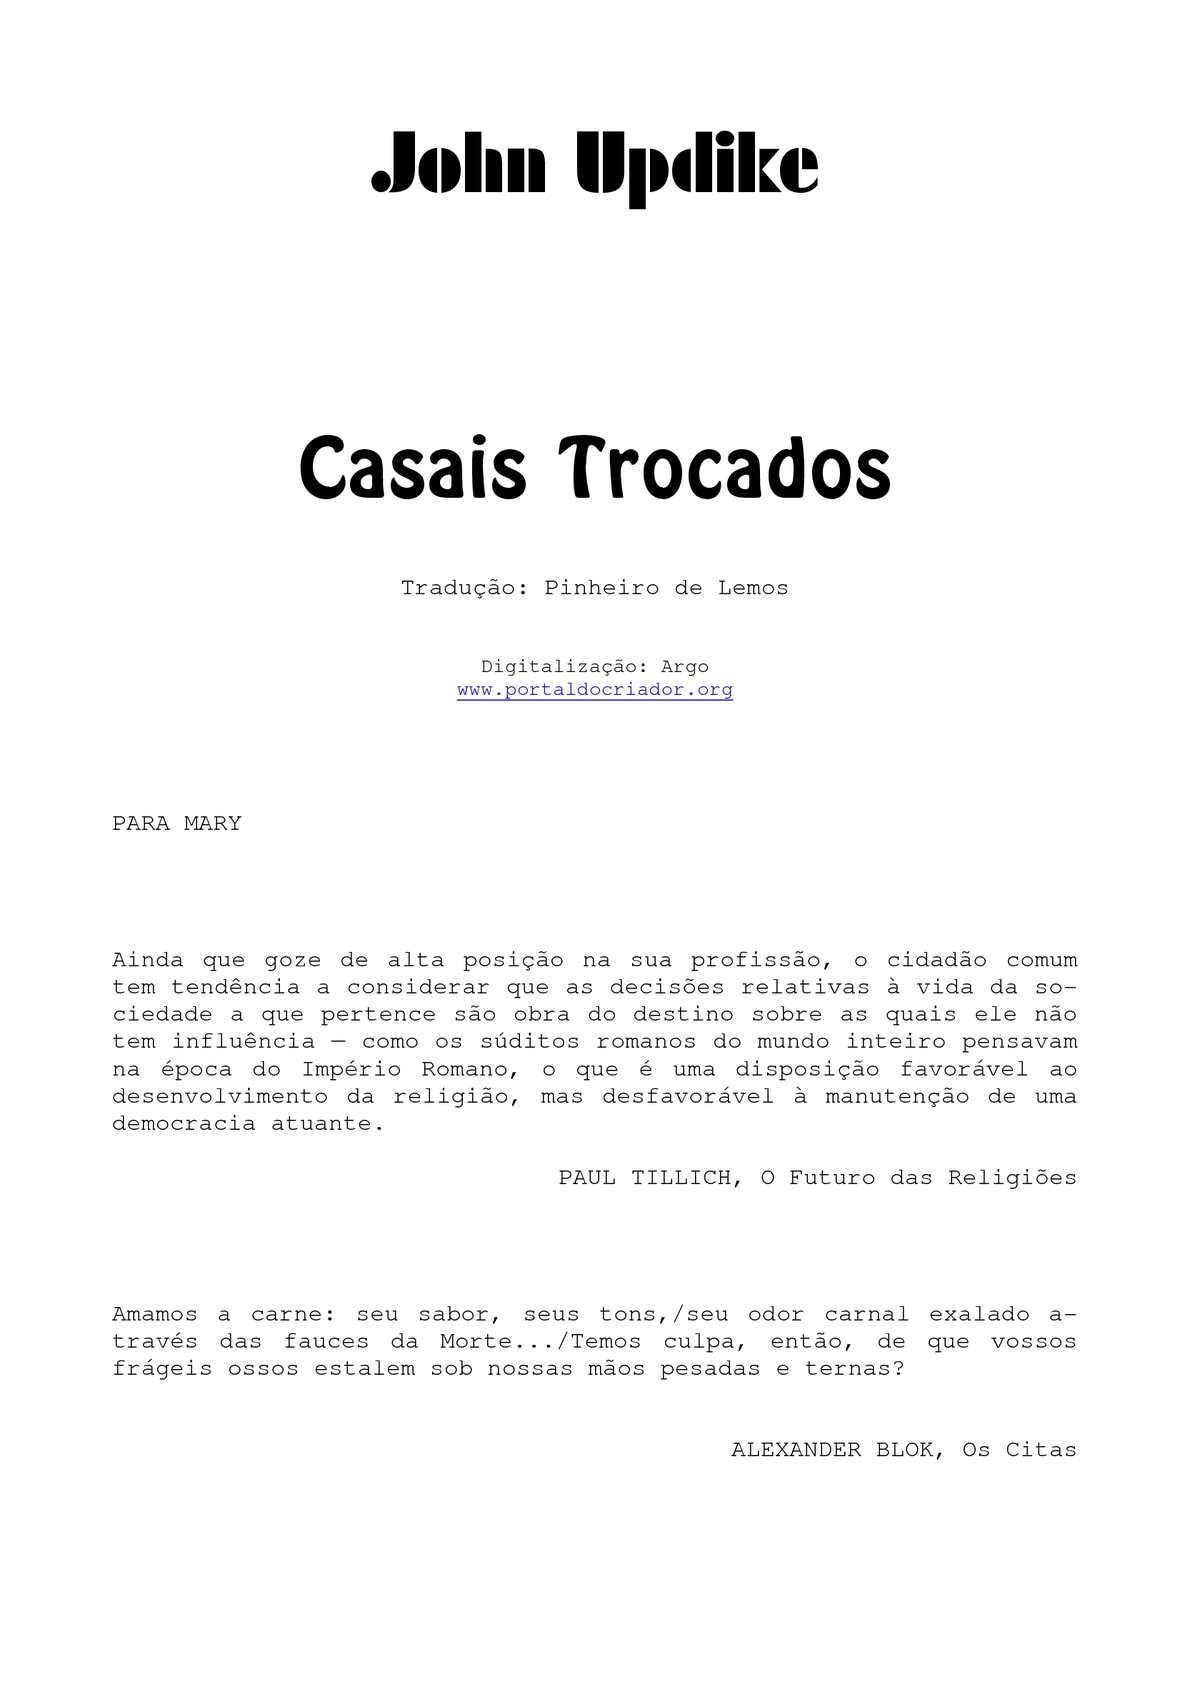 d5e4079db6a Calaméo - Casais trocados